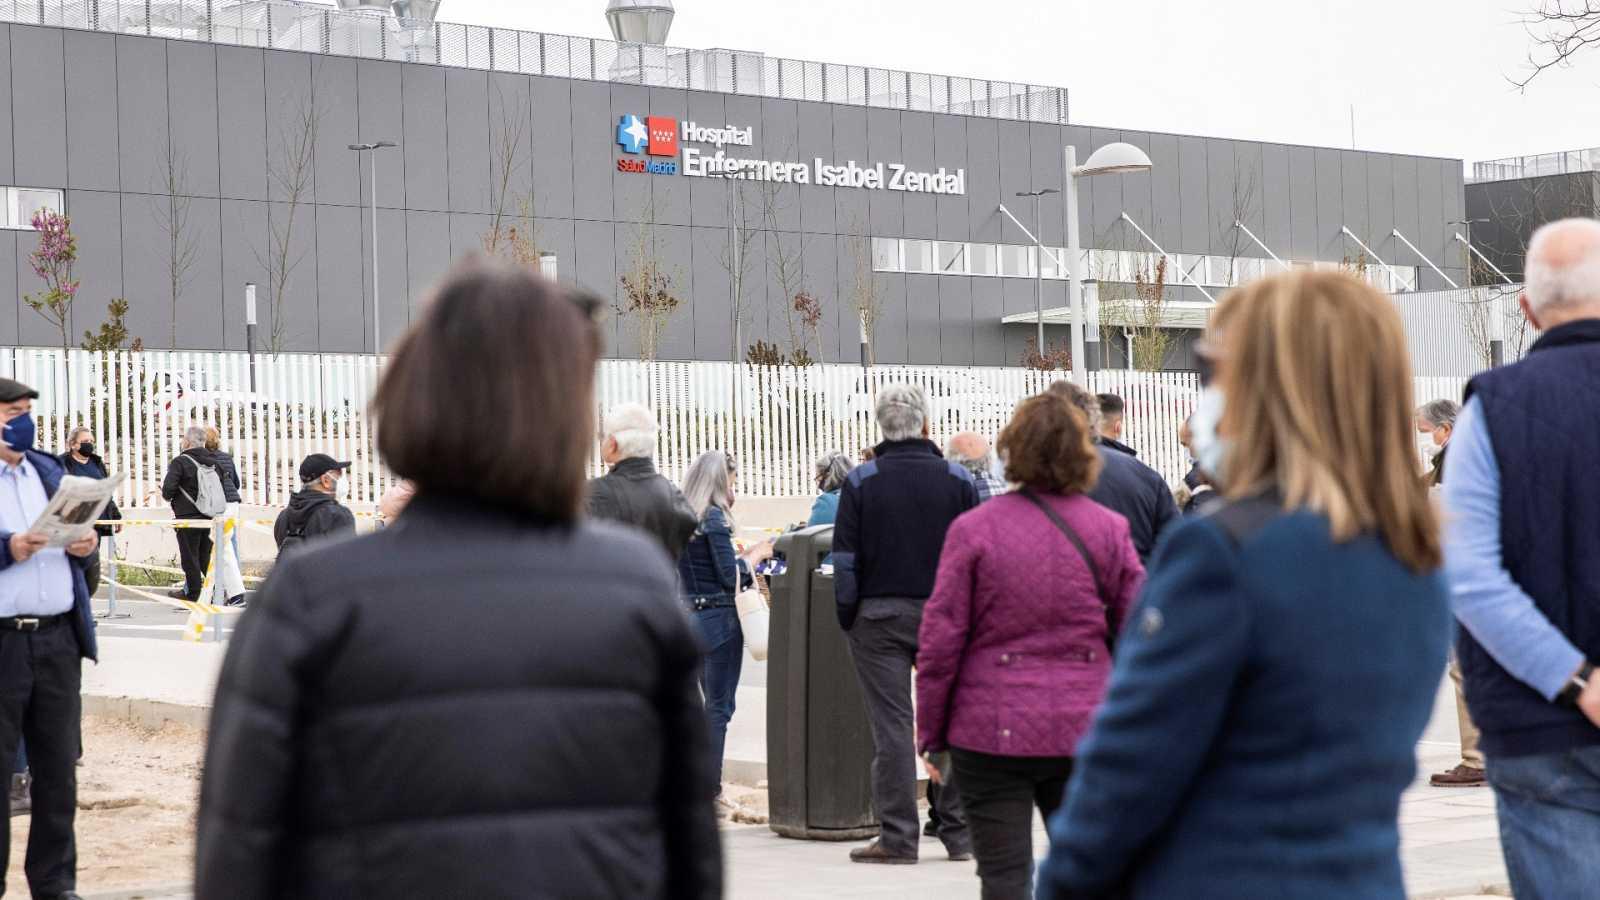 """La ministra de Sanidad acudirá al Hospital Zendal """"cuando sea invitada"""" y fuera de campaña"""